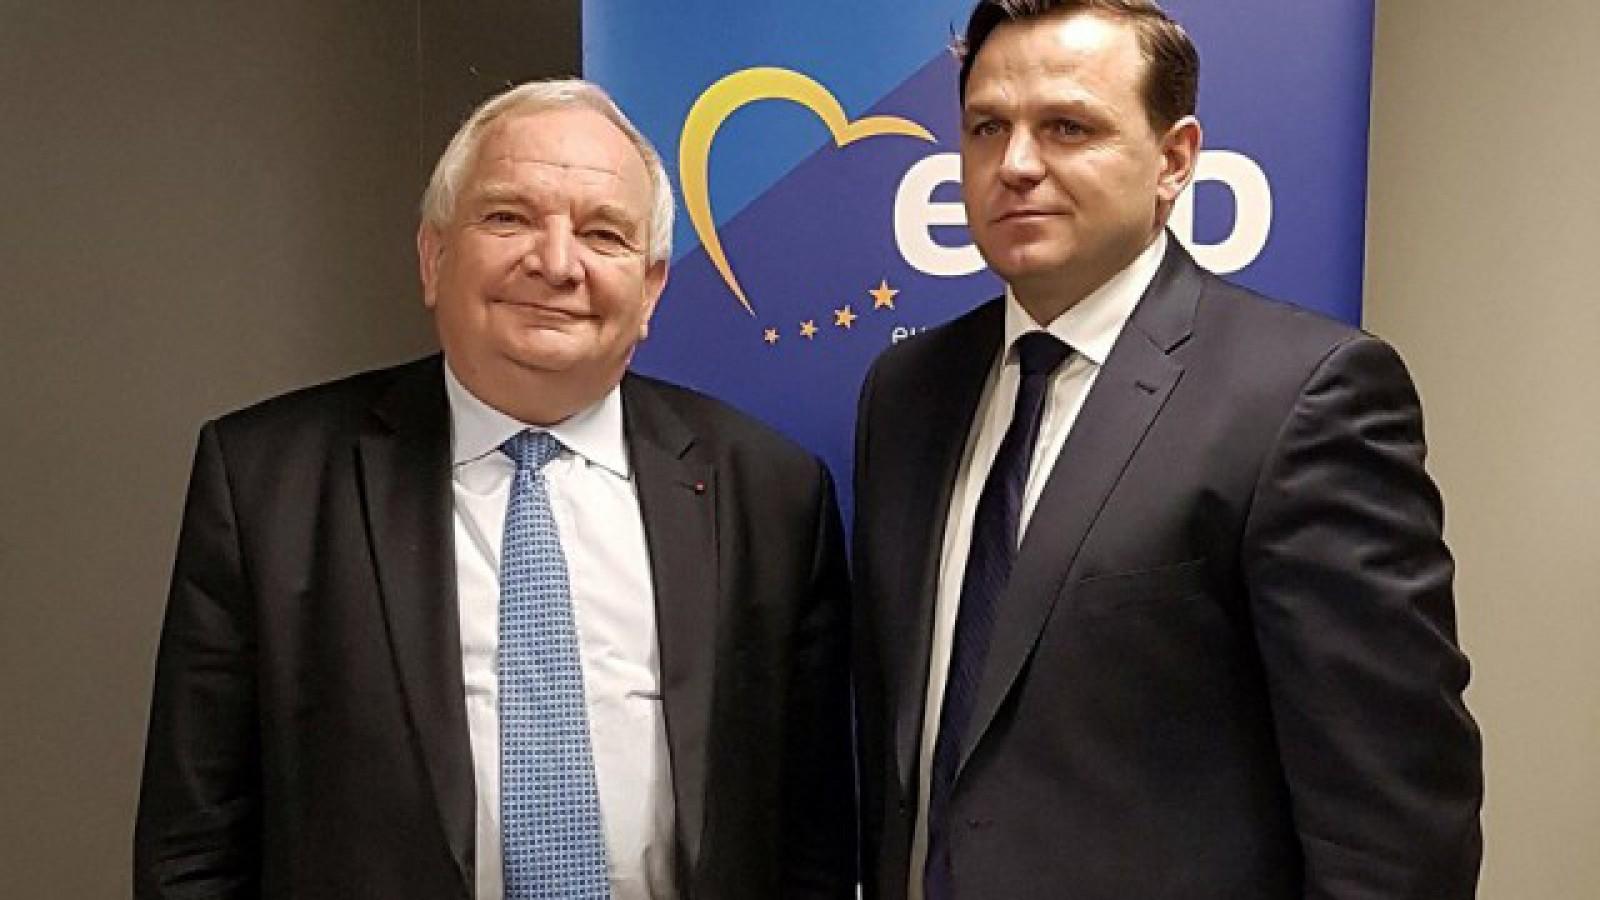 Bătălia sesizărilor între candidați: Ion Ceban a depus o sesizare la CEC împotriva lui Andrei Năstase, în urma unei declarații a lui Daul